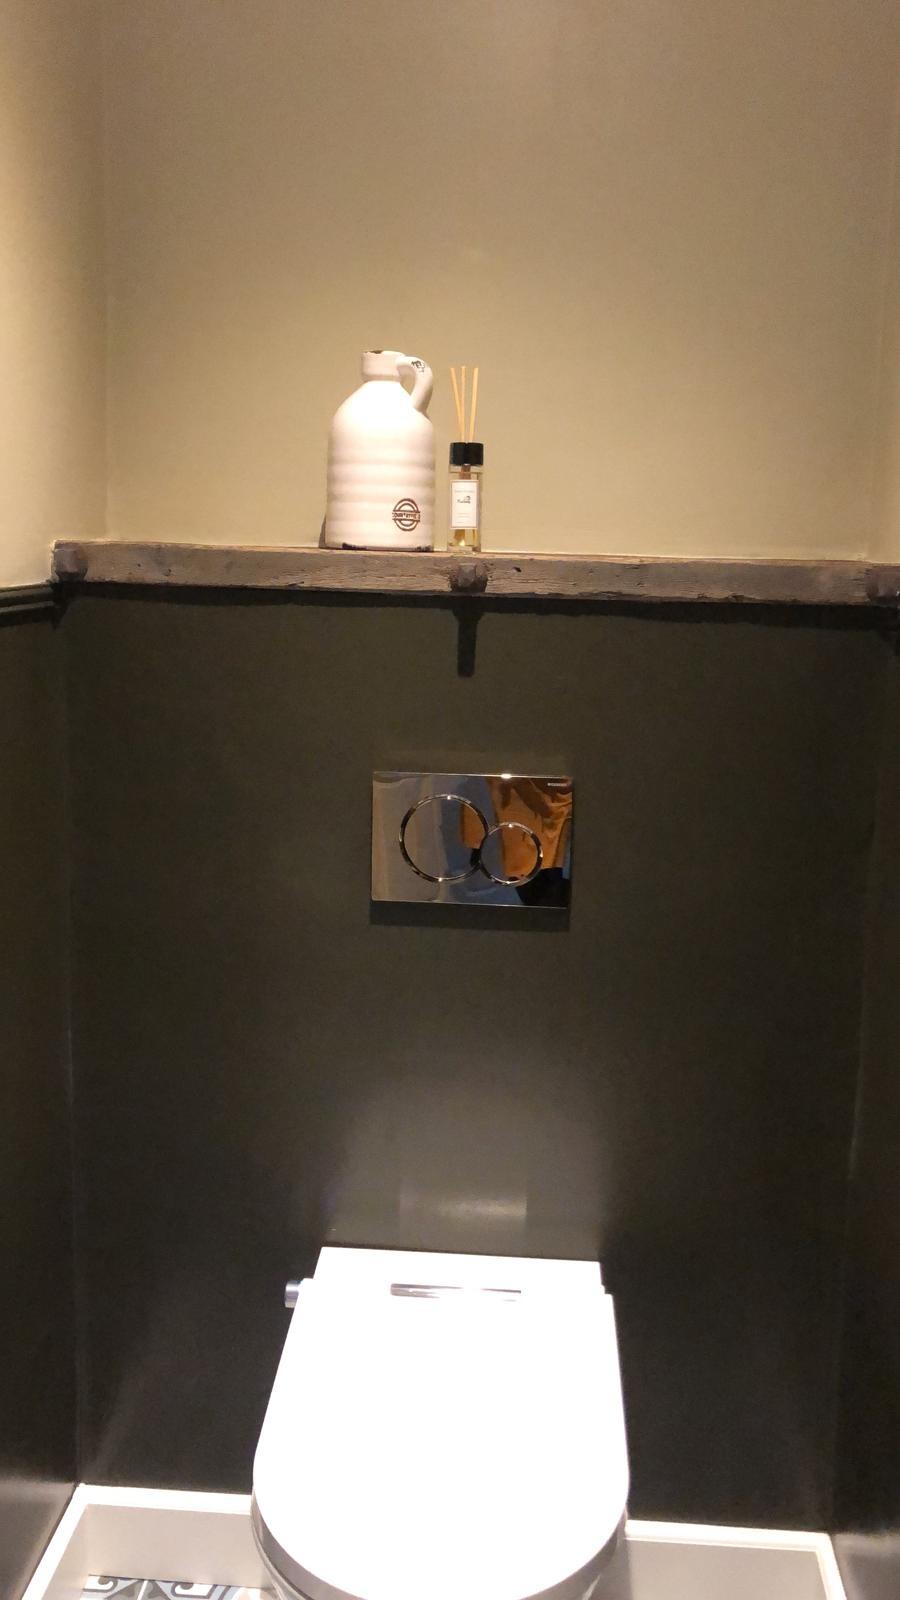 Massief robuuste eiken toilet plank/planchet + ijzers-4